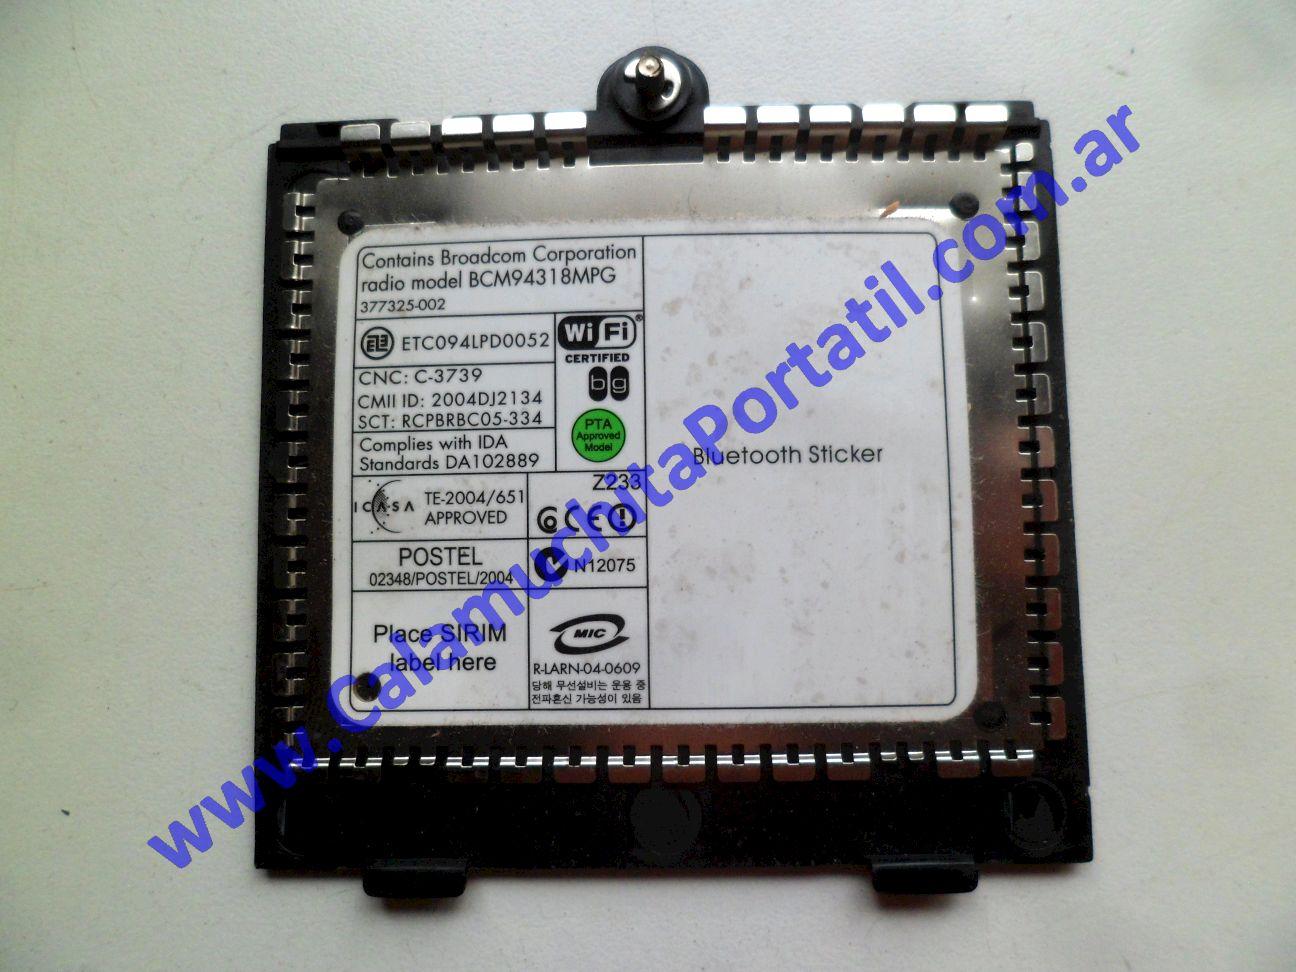 0586CTW Carcasas Tapa Wifi Compaq Presario V2000 / V2415la / EK572LA#ABM